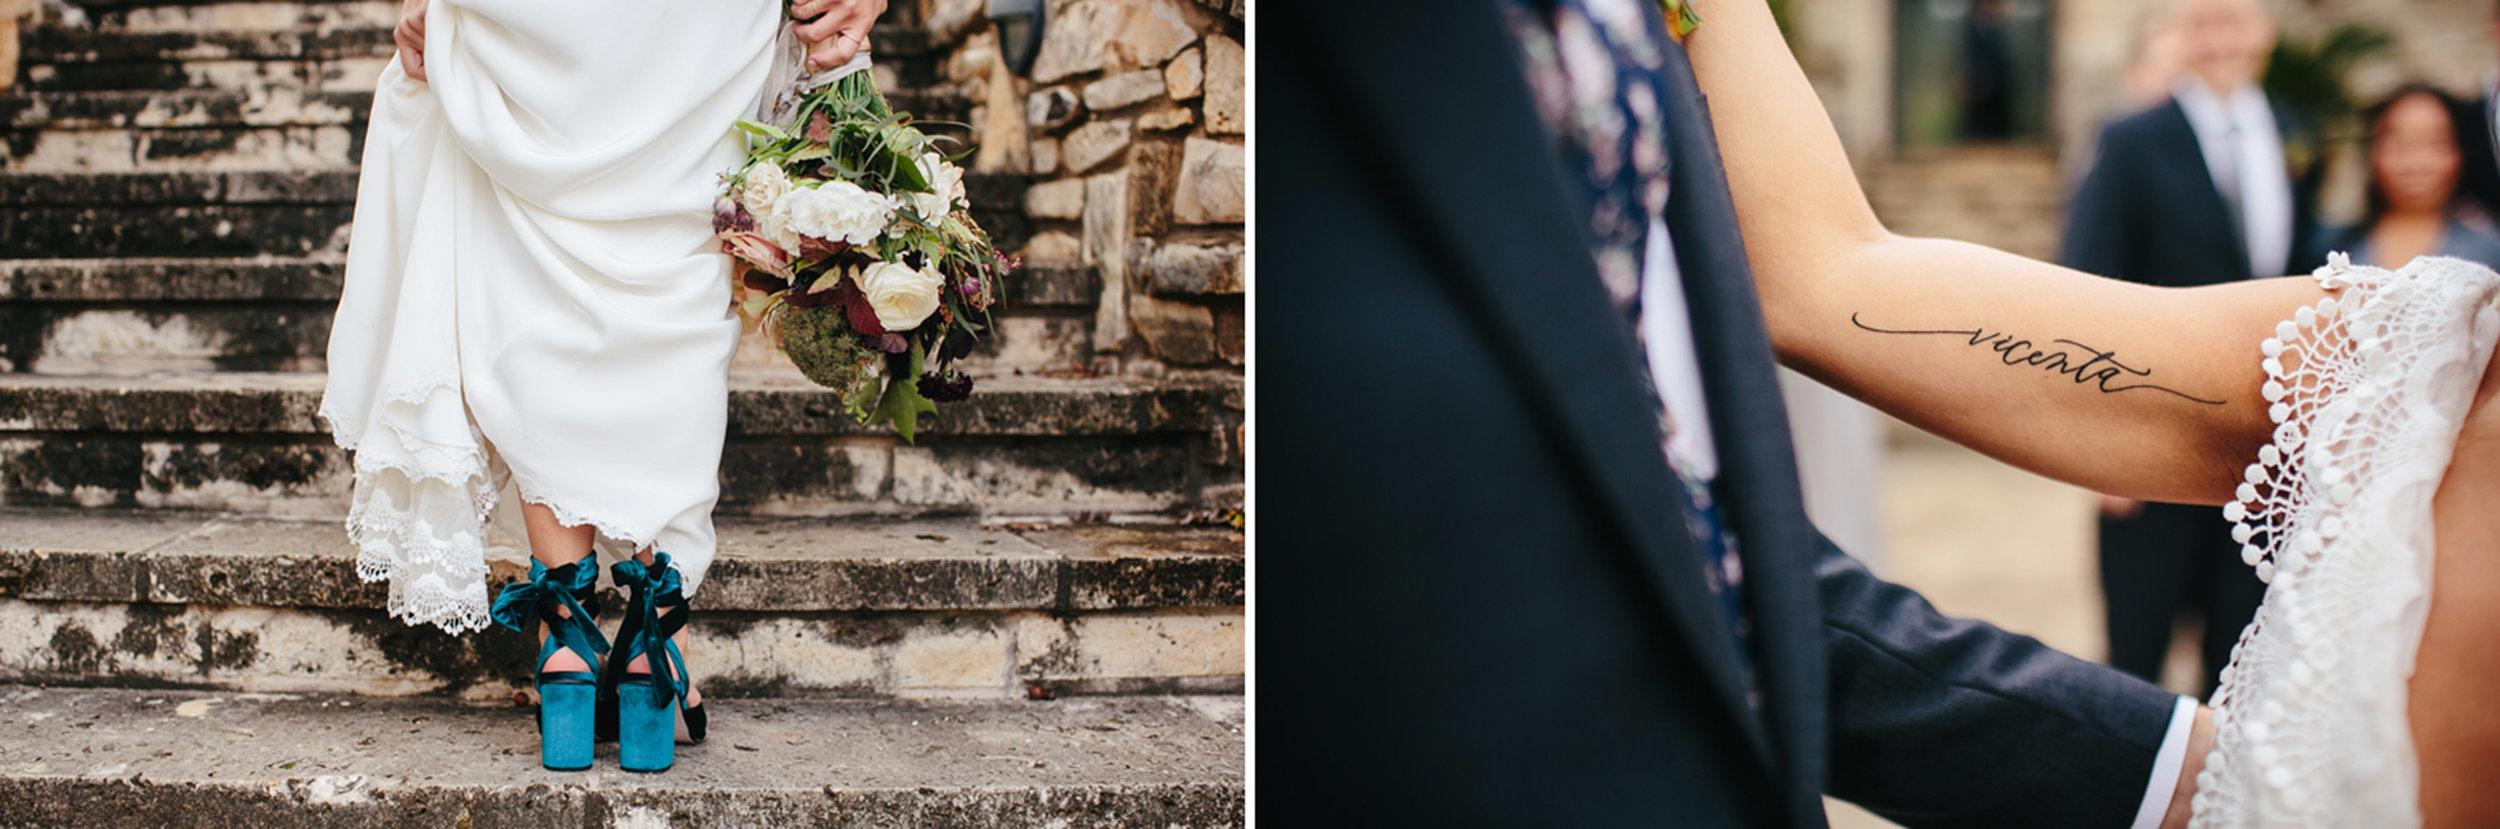 austin_WeddingPhotographer_017.jpg